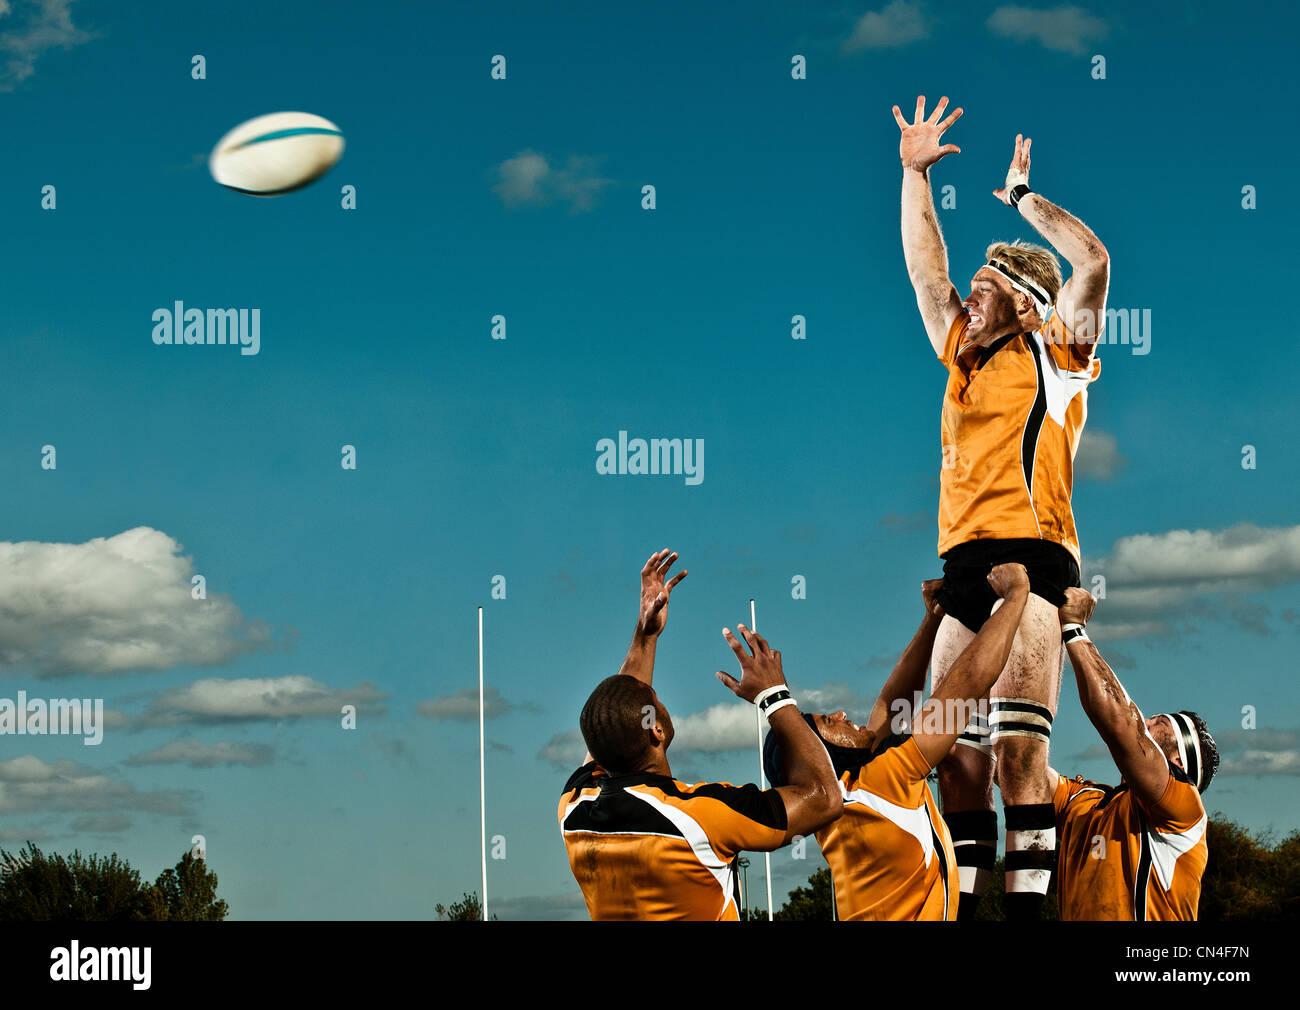 Jugador de rugby saltando para atrapar la bola Imagen De Stock